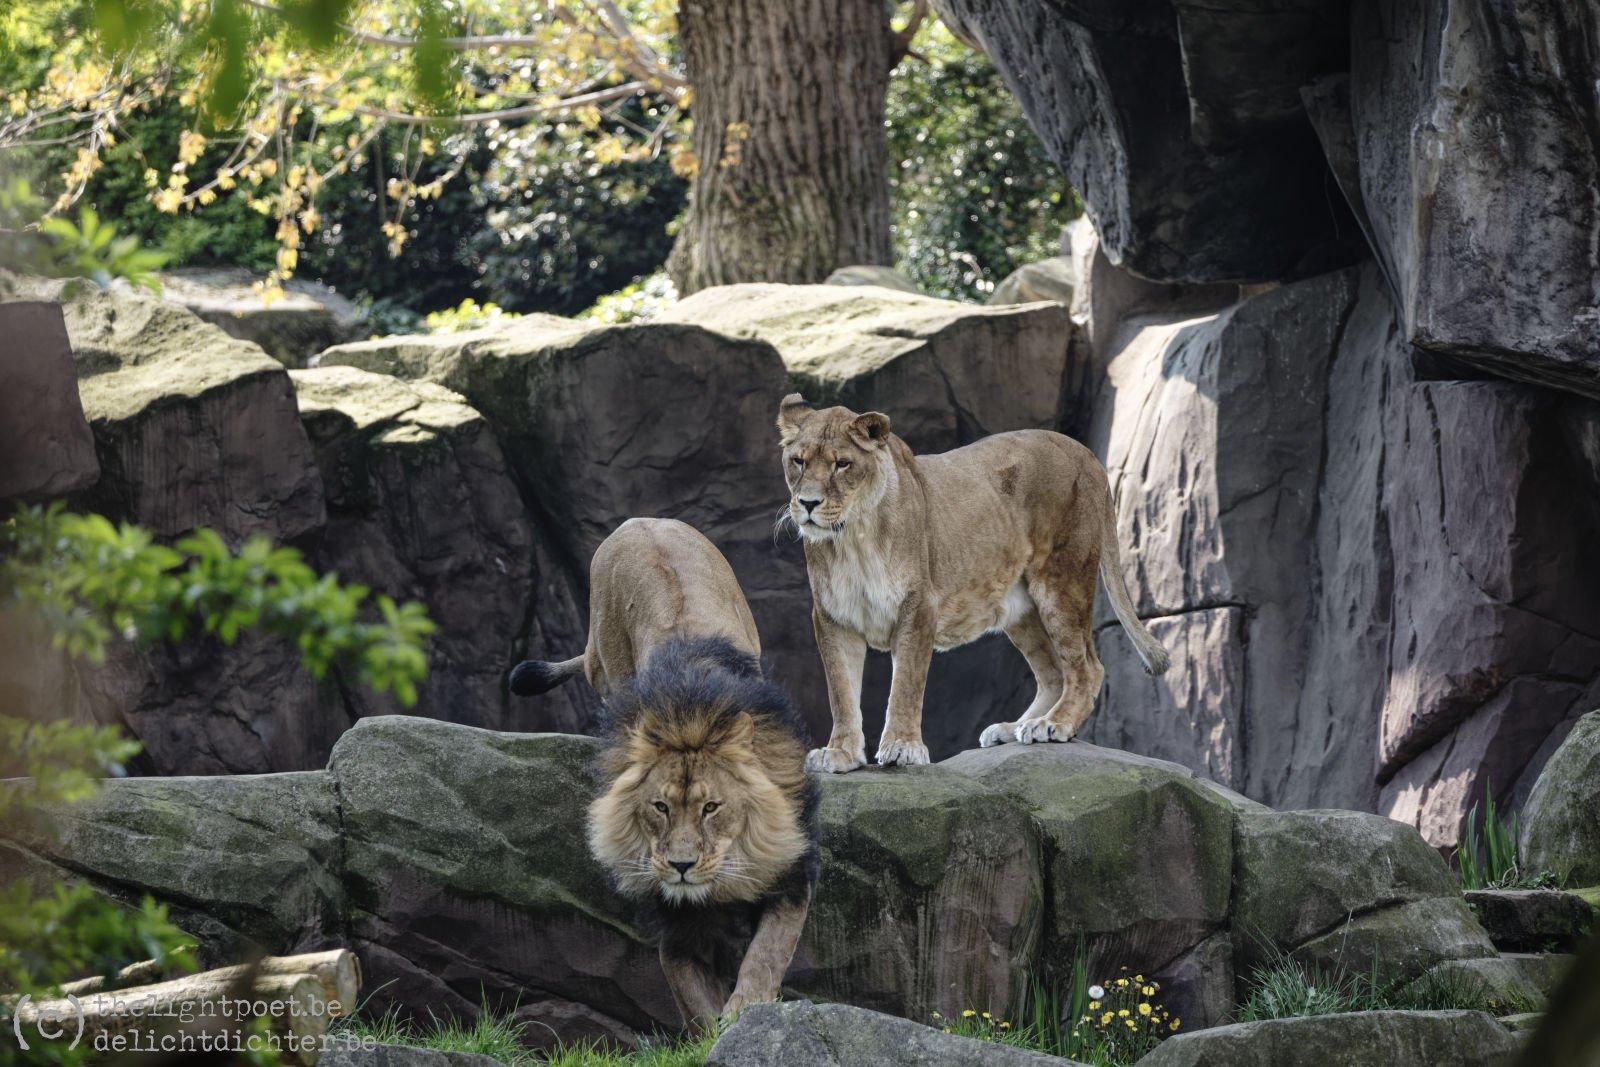 2019_04_Zoo_20190407_140237_DxO_PL2_1600px